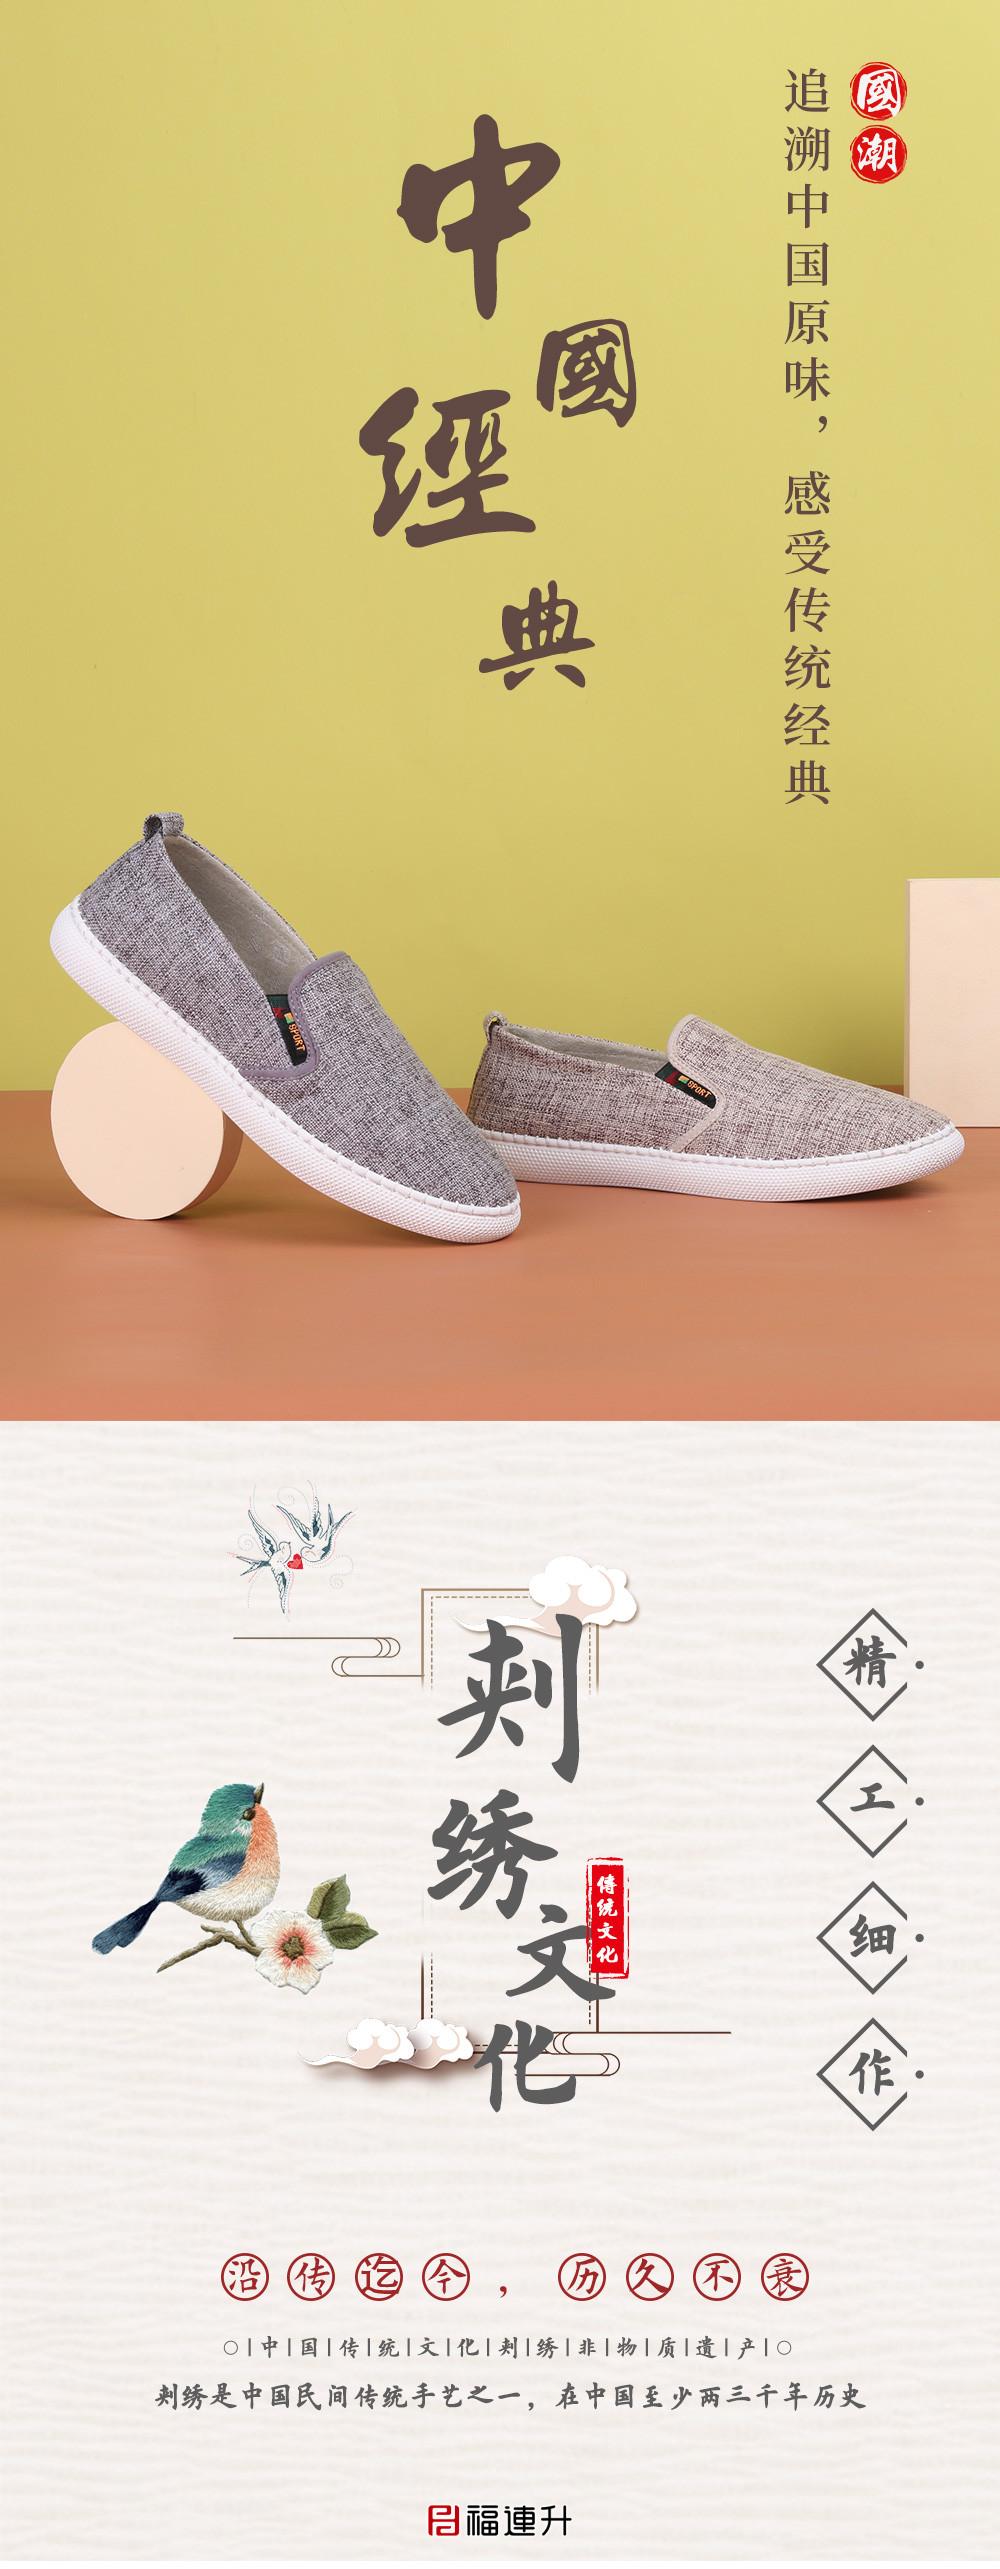 福連升老北京布鞋麻布男鞋百搭休閑鞋透氣懶人一腳蹬男士板鞋圖片